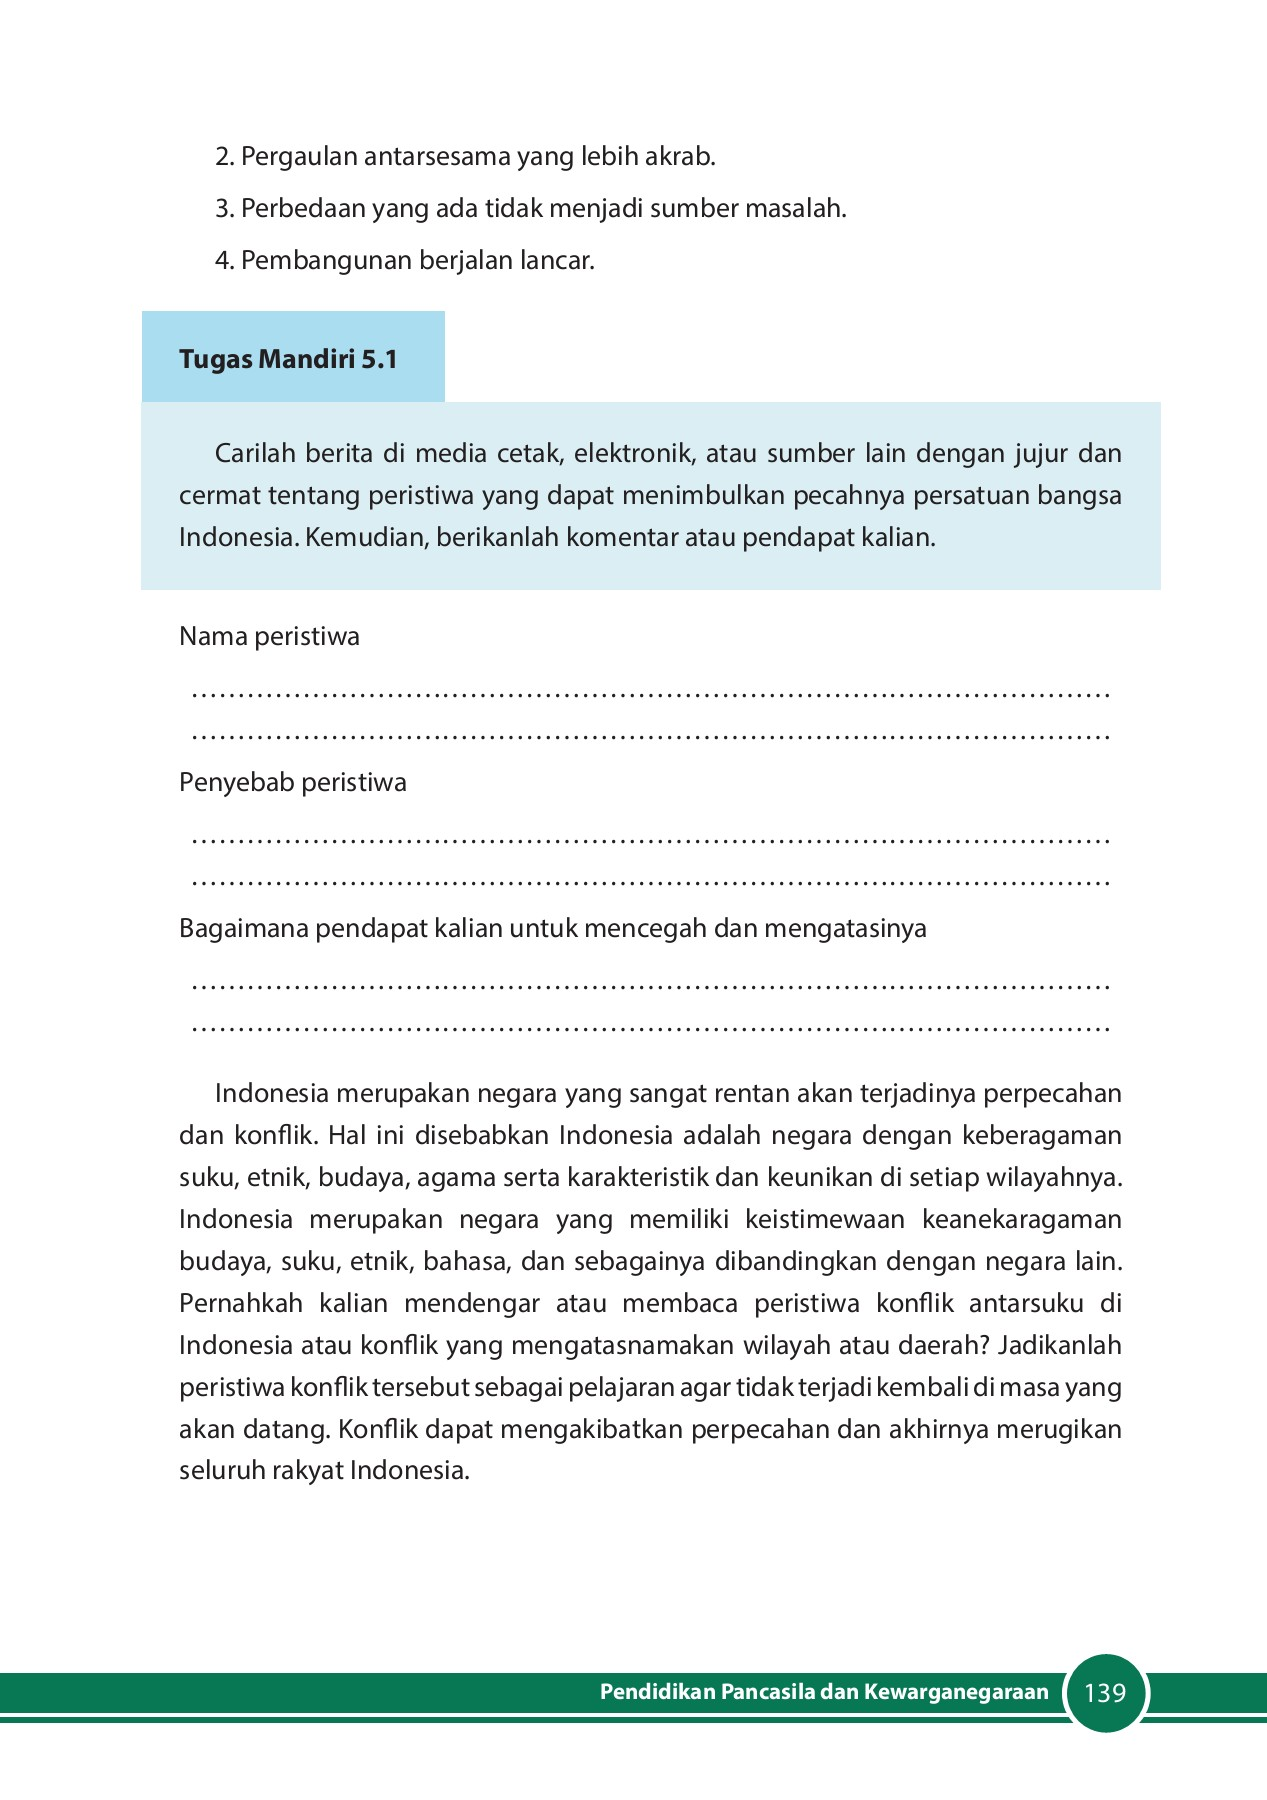 Berita Pecahnya Persatuan Bangsa Indonesia : berita, pecahnya, persatuan, bangsa, indonesia, Contoh, Berita, Dapat, Menimbulkan, Pecahnya, Persatuan, Bangsa, Indonesia